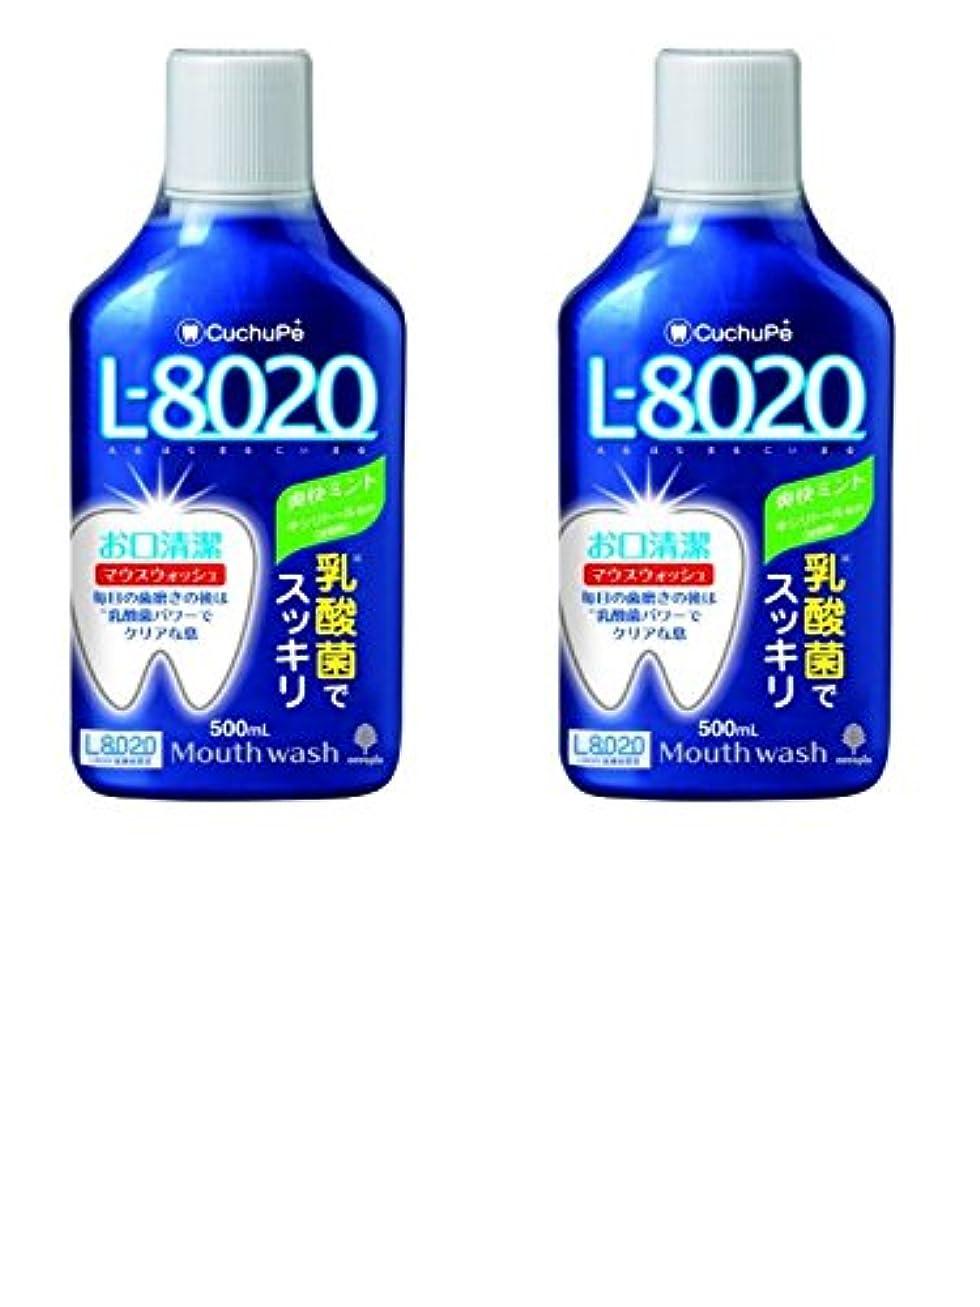 かりて訴える抜本的な【まとめ買い】紀陽除虫菊 マウスウォッシュ クチュッペL-8020 爽快ミント 500ml × 2個